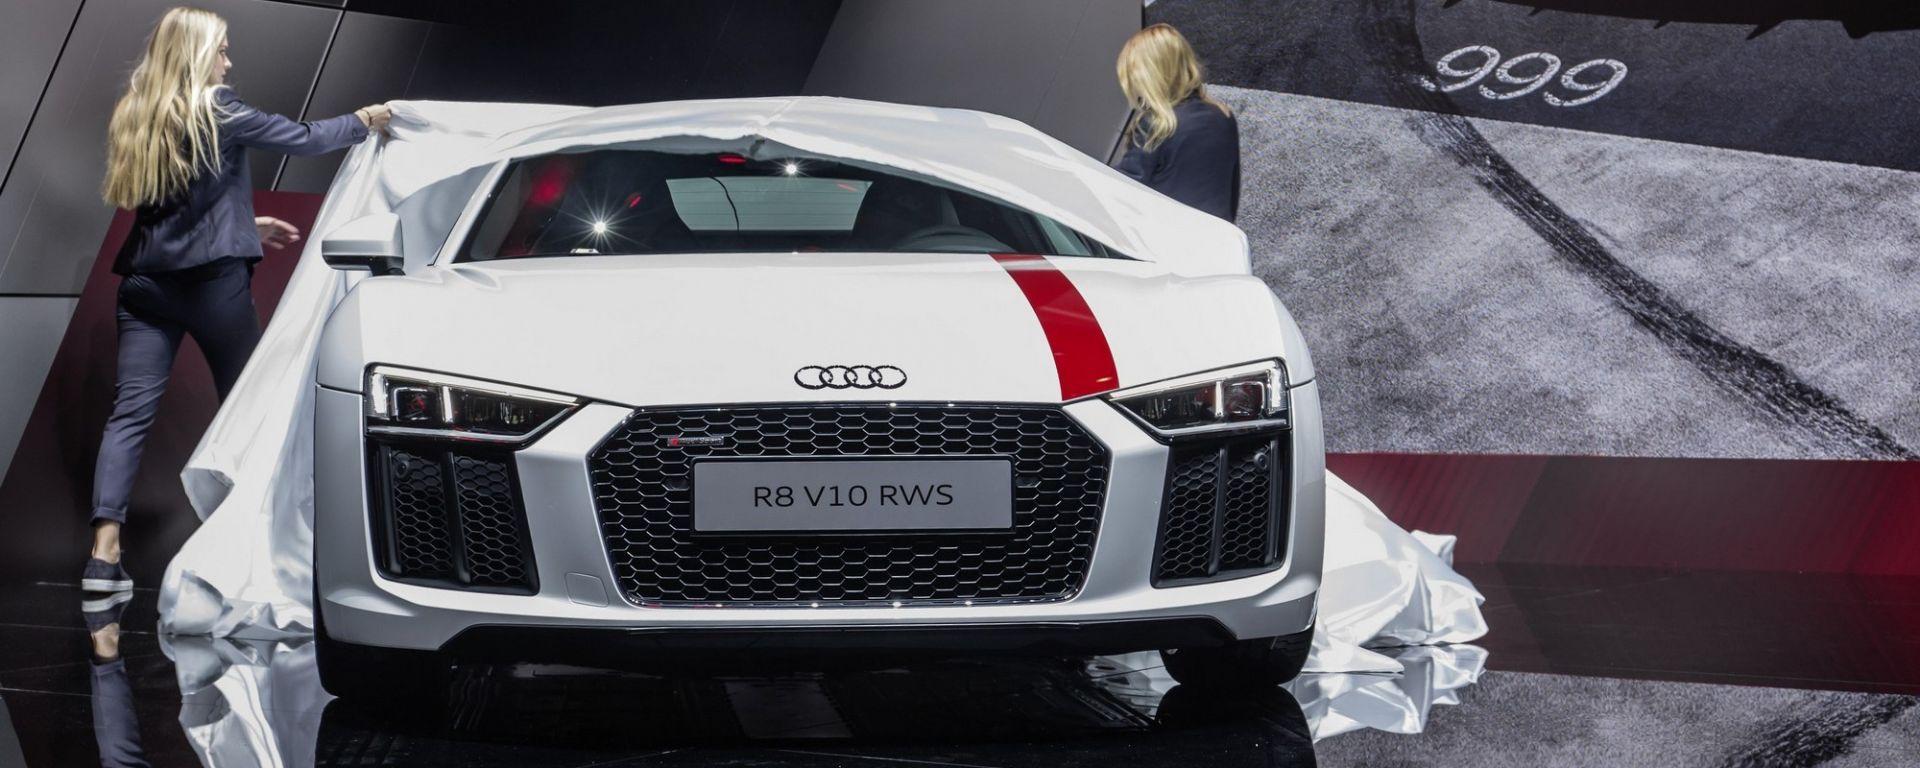 Audi R8 V10 RWS, per la prima volta un'Audi a trazione posteriore